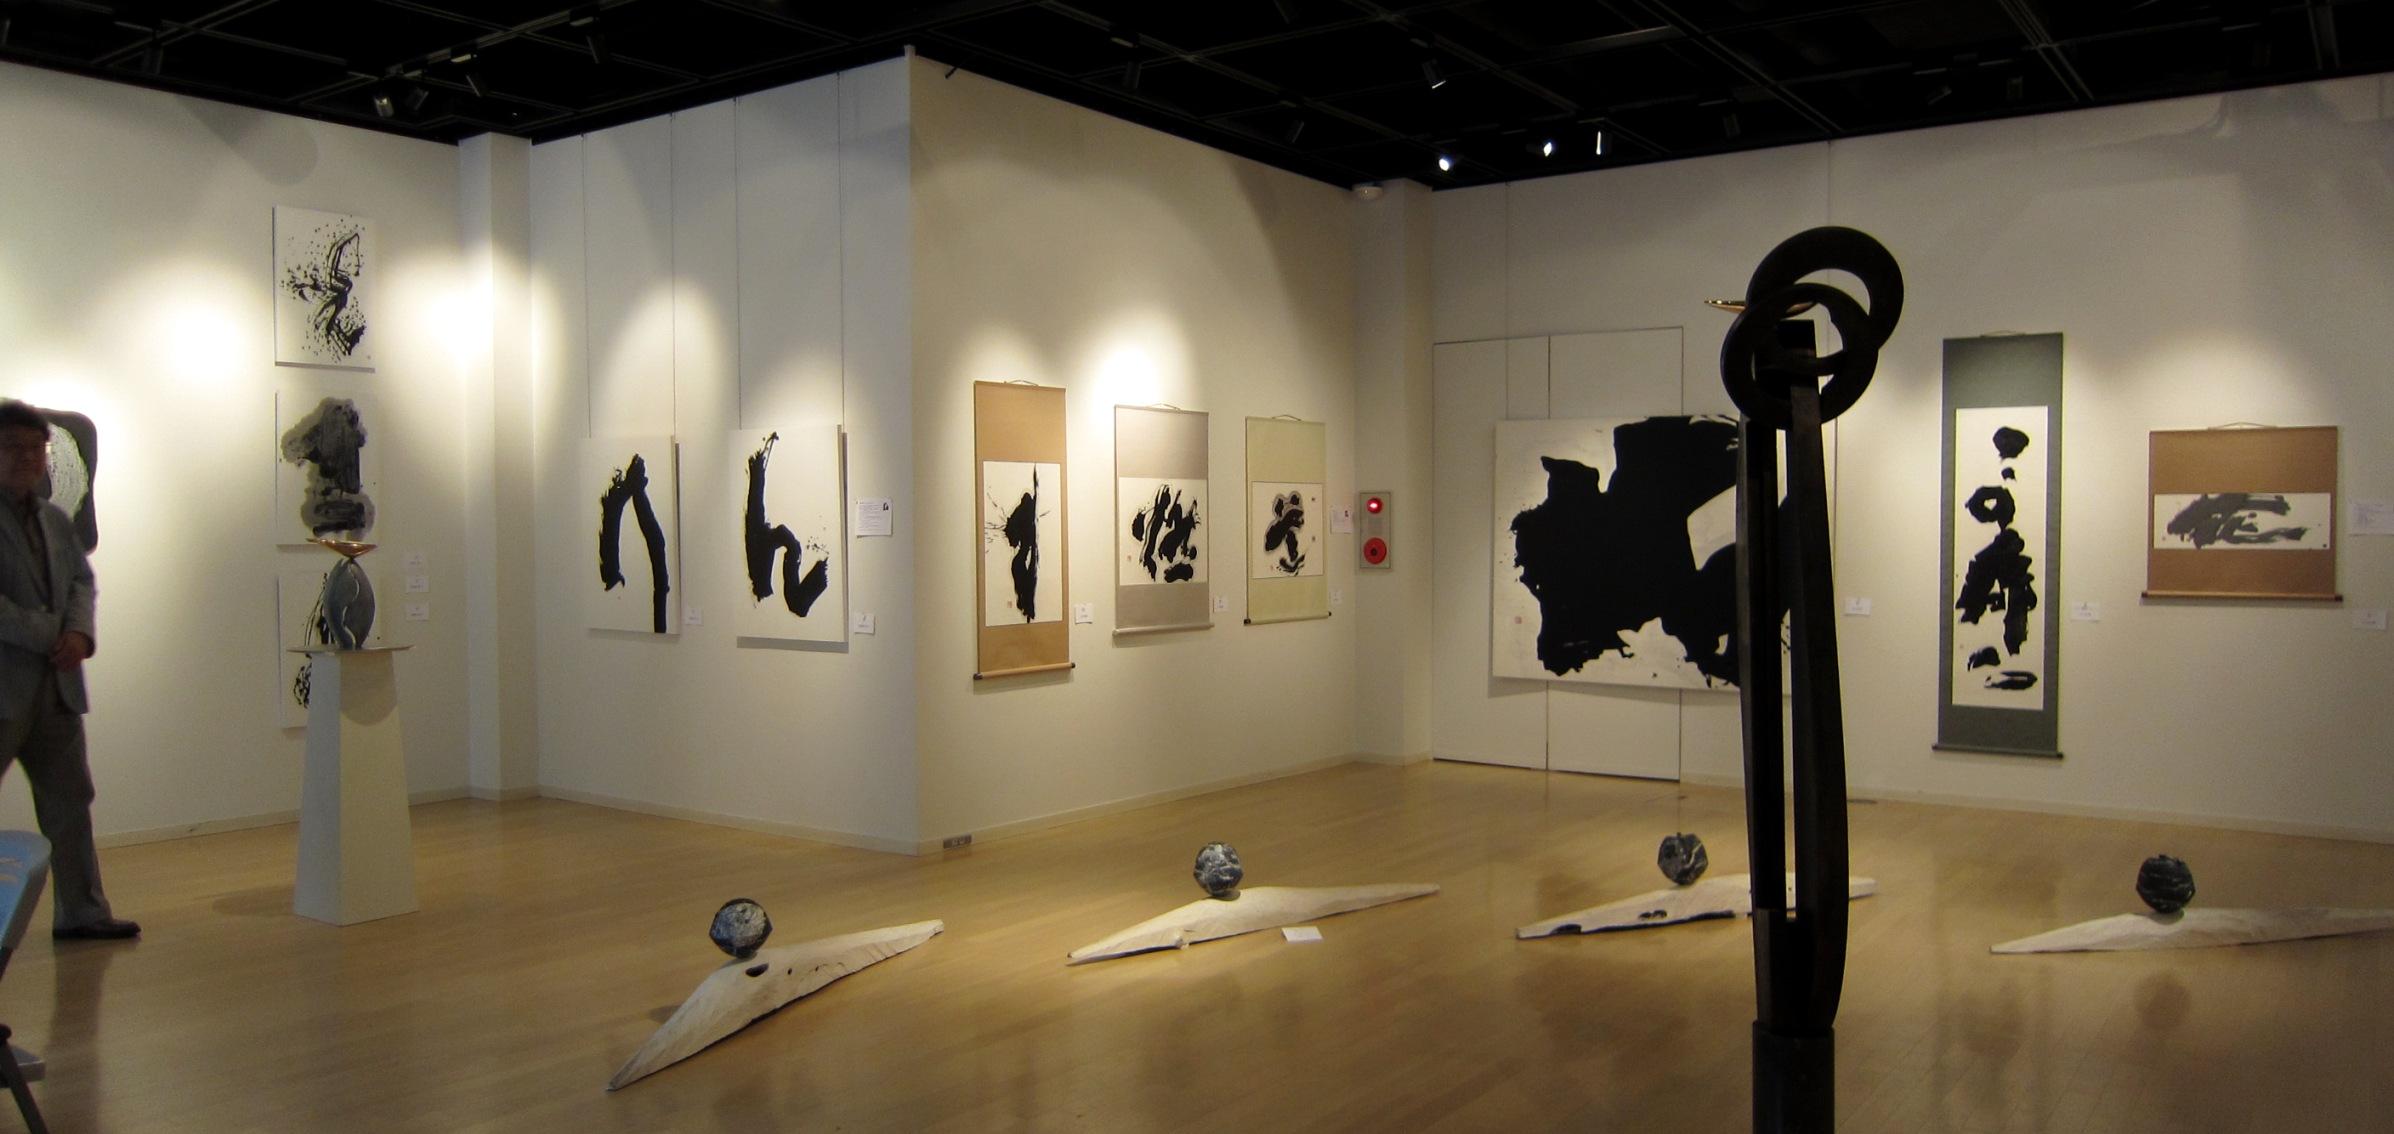 2065)「[現代書と彫刻のコラボレーション] -環境空間アートの提案-」 エッセ 5月21日(火)~5月26日(日)_f0126829_21582613.jpg